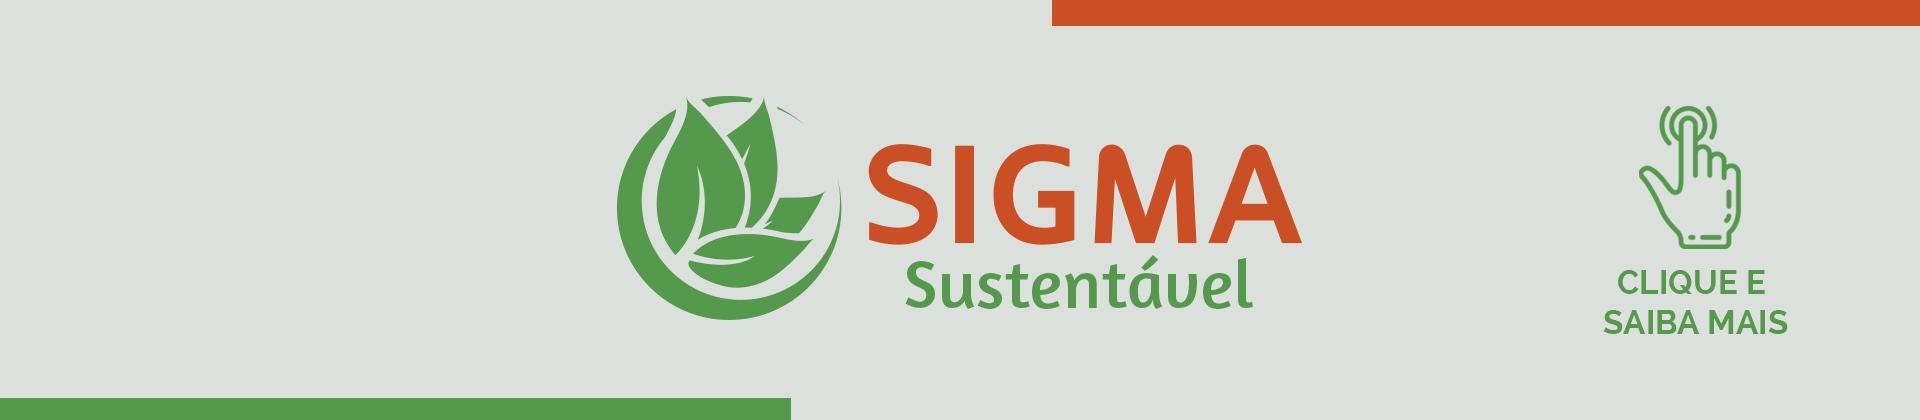 Sigma Sustentável